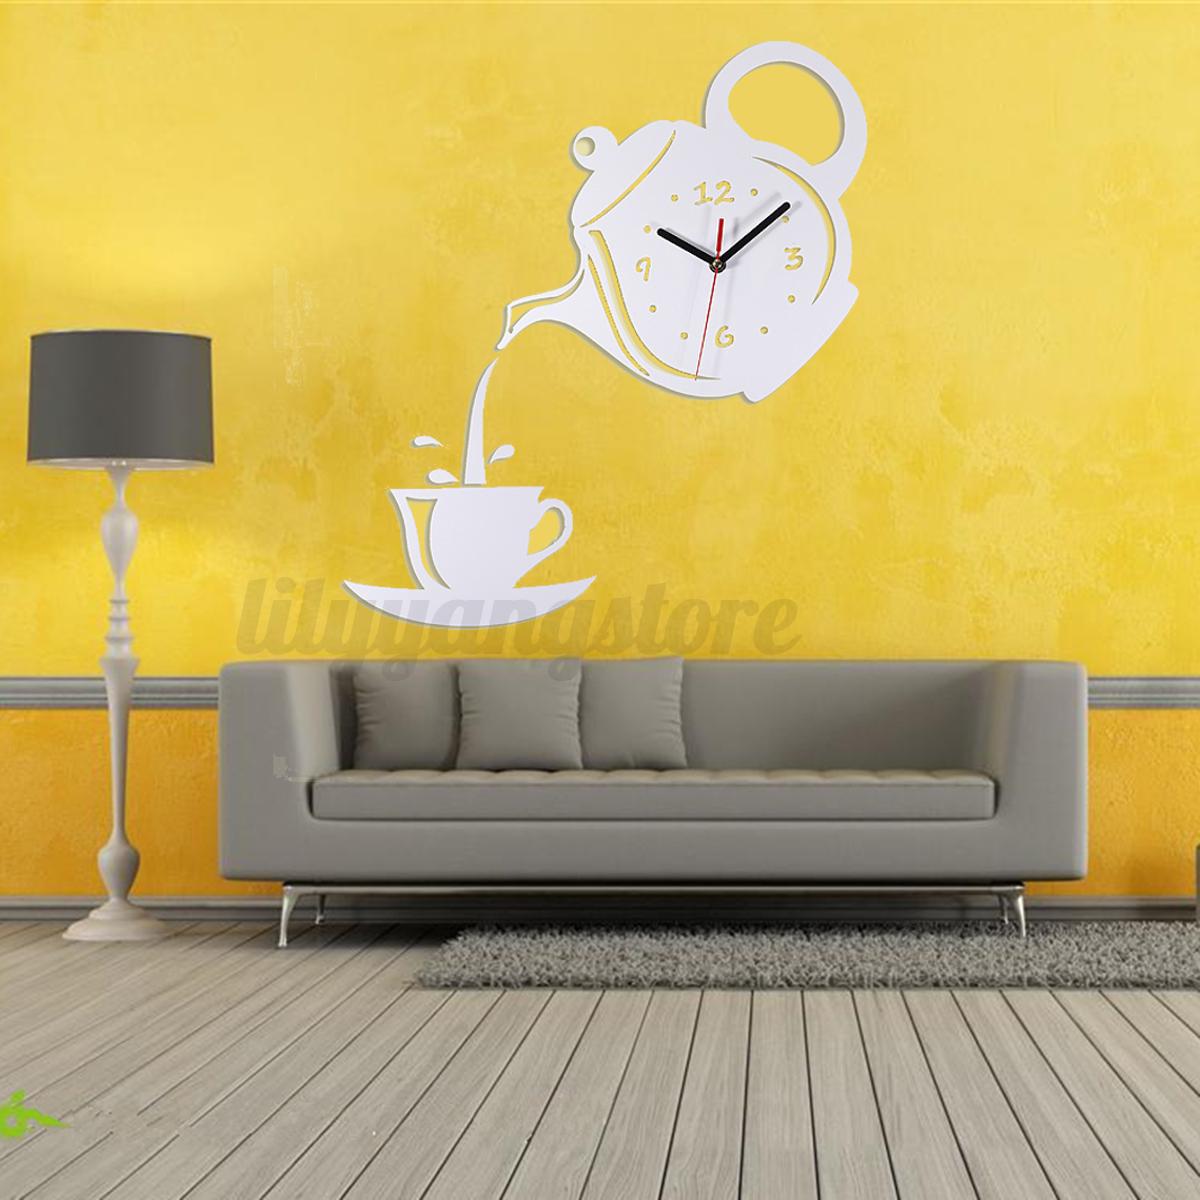 Acr lico modern blanco tetera cuarzo reloj de pared diy - Reloj pared adhesivo ...